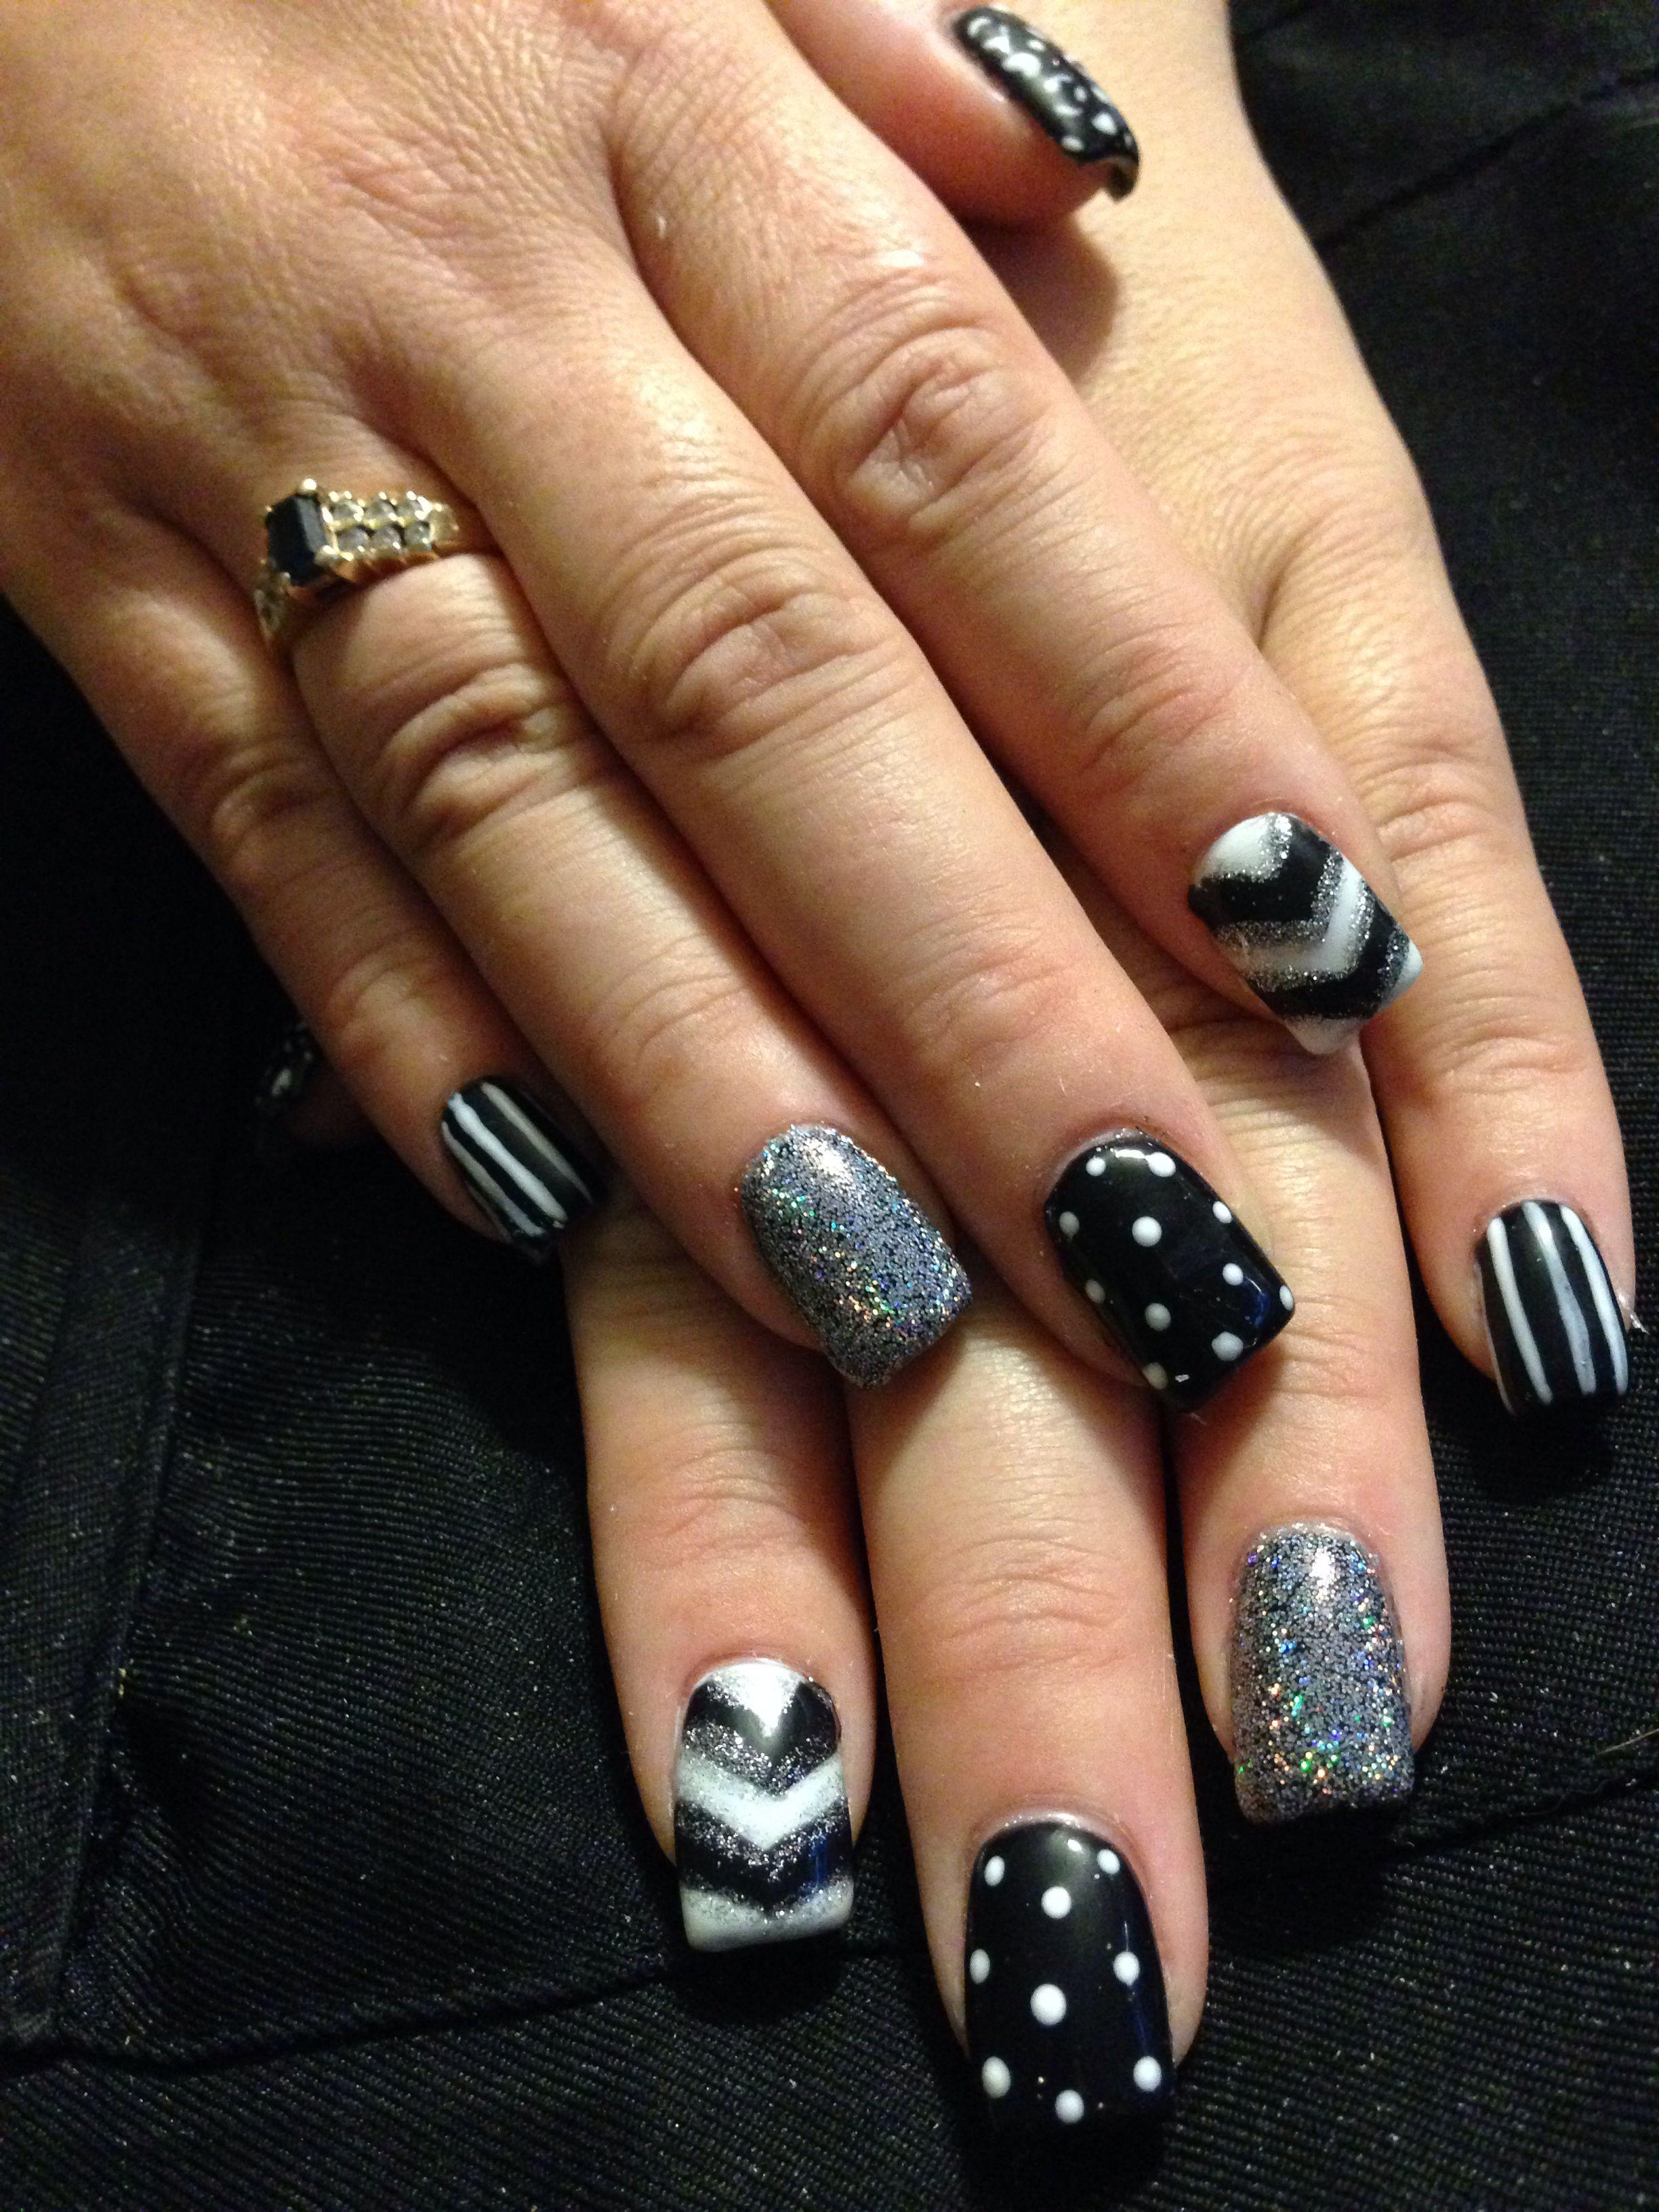 Acrylic nails black and white Sara's nail designs